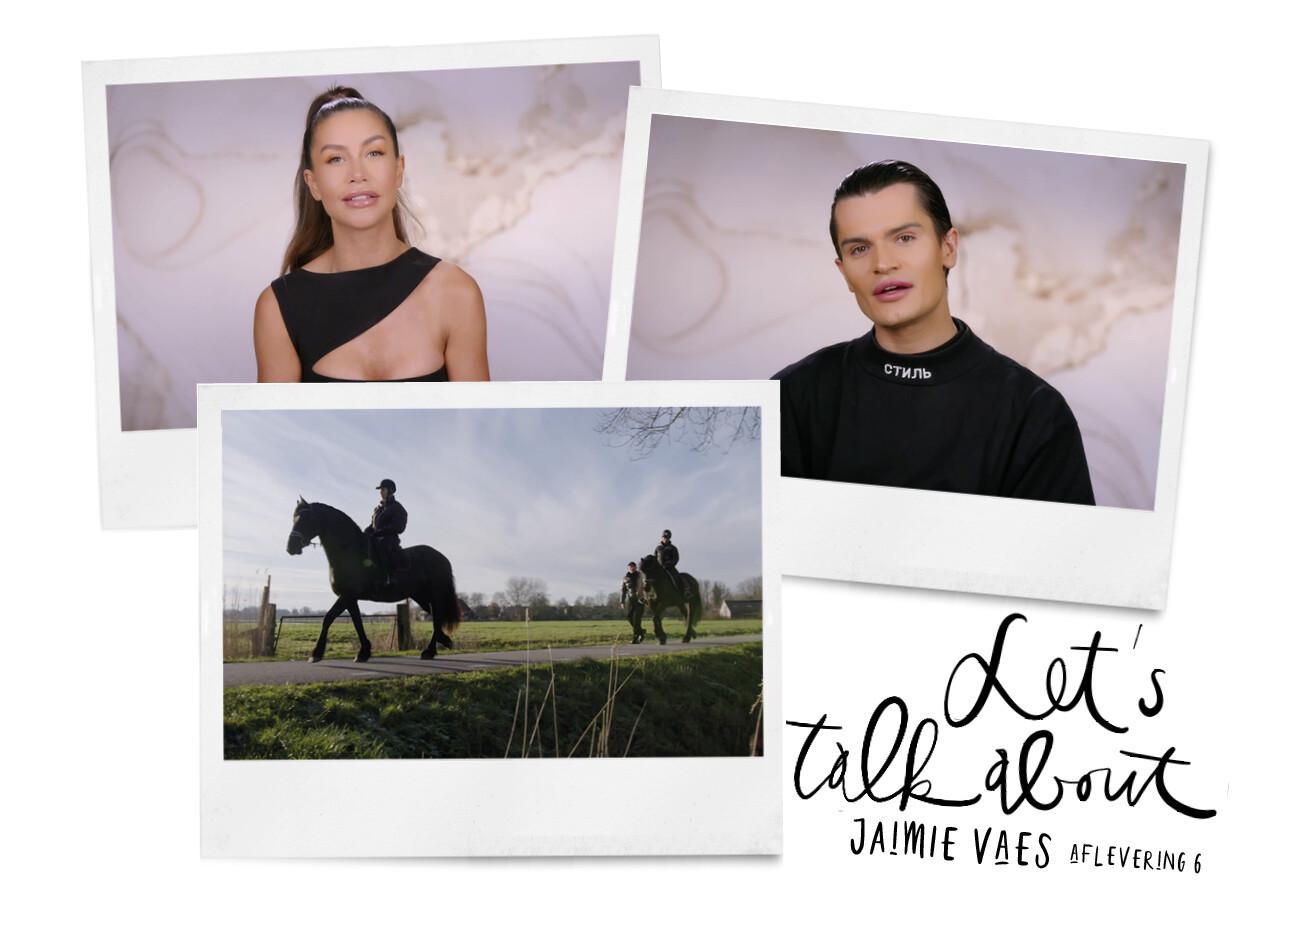 Ik keek Jaimie in The Vaes Lane aflevering 5 en dit is wat ik dacht